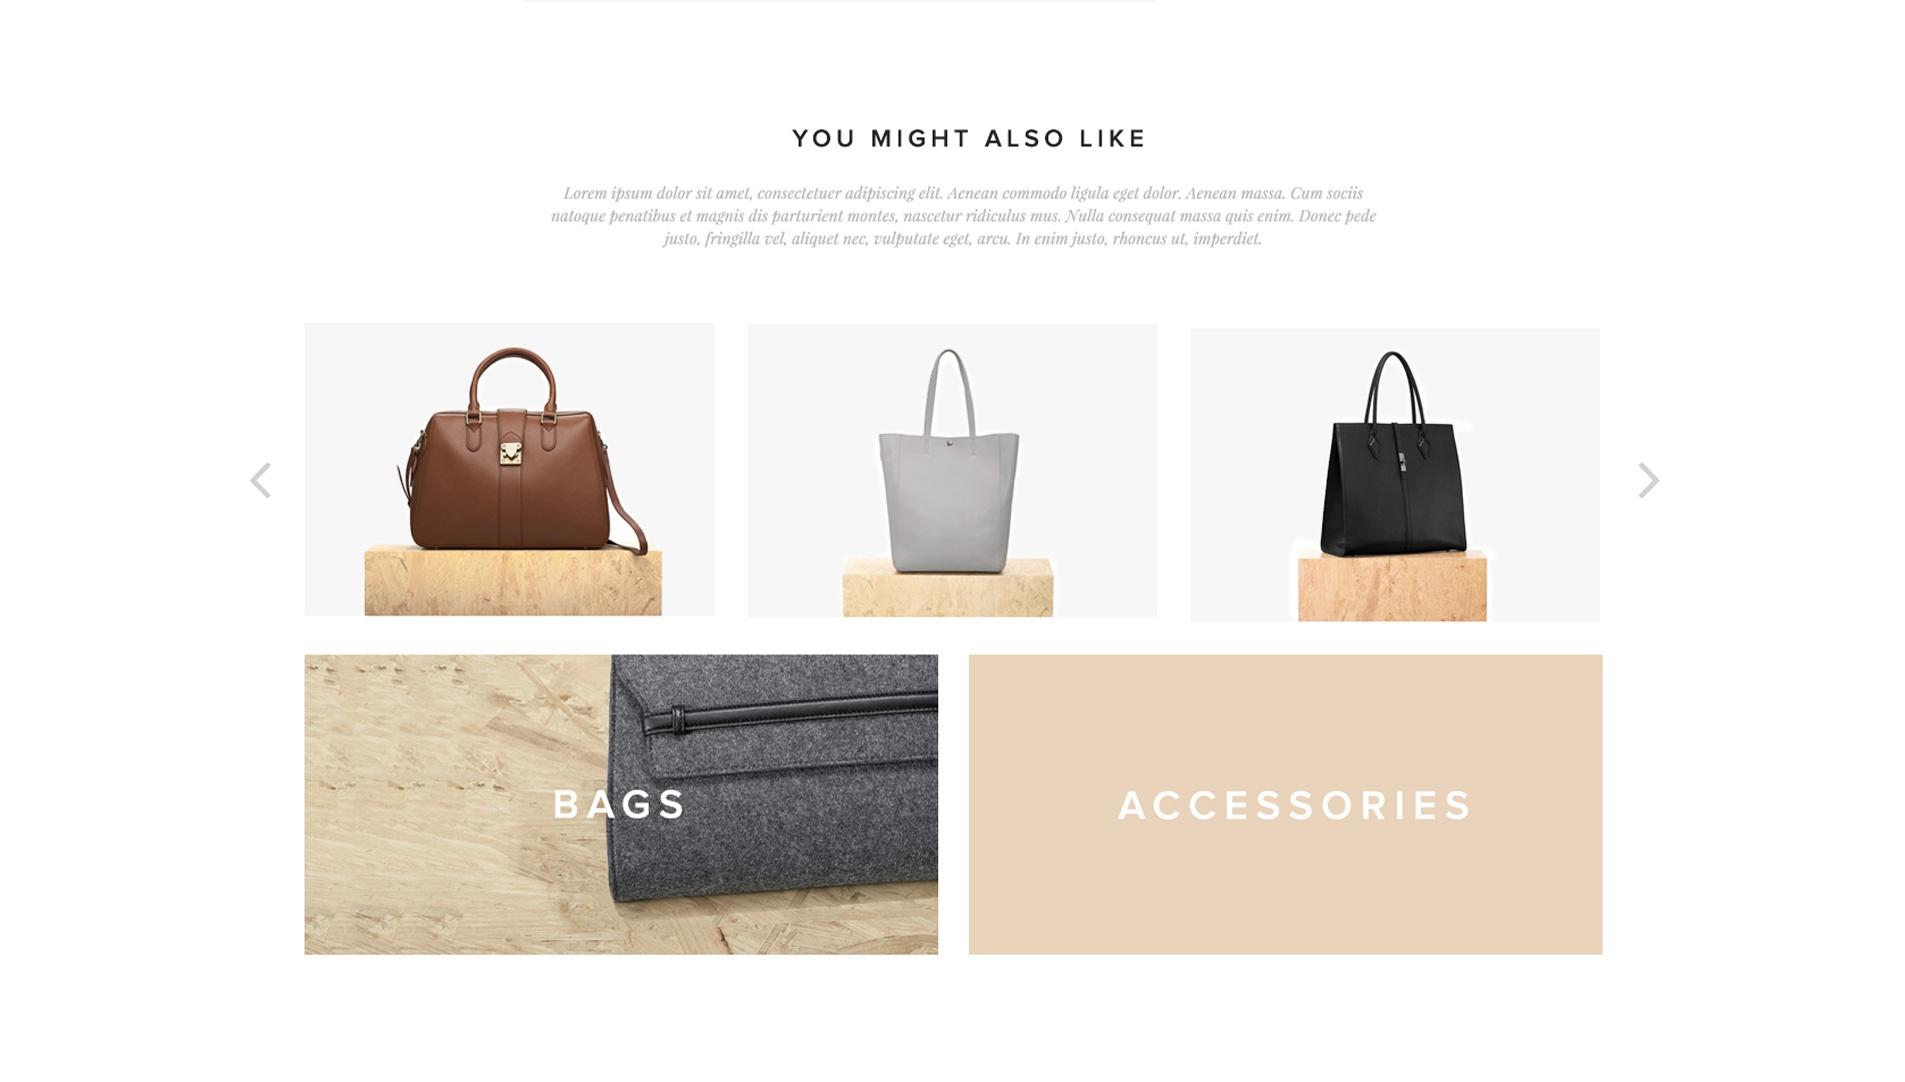 web design hk elleme slideshow 01